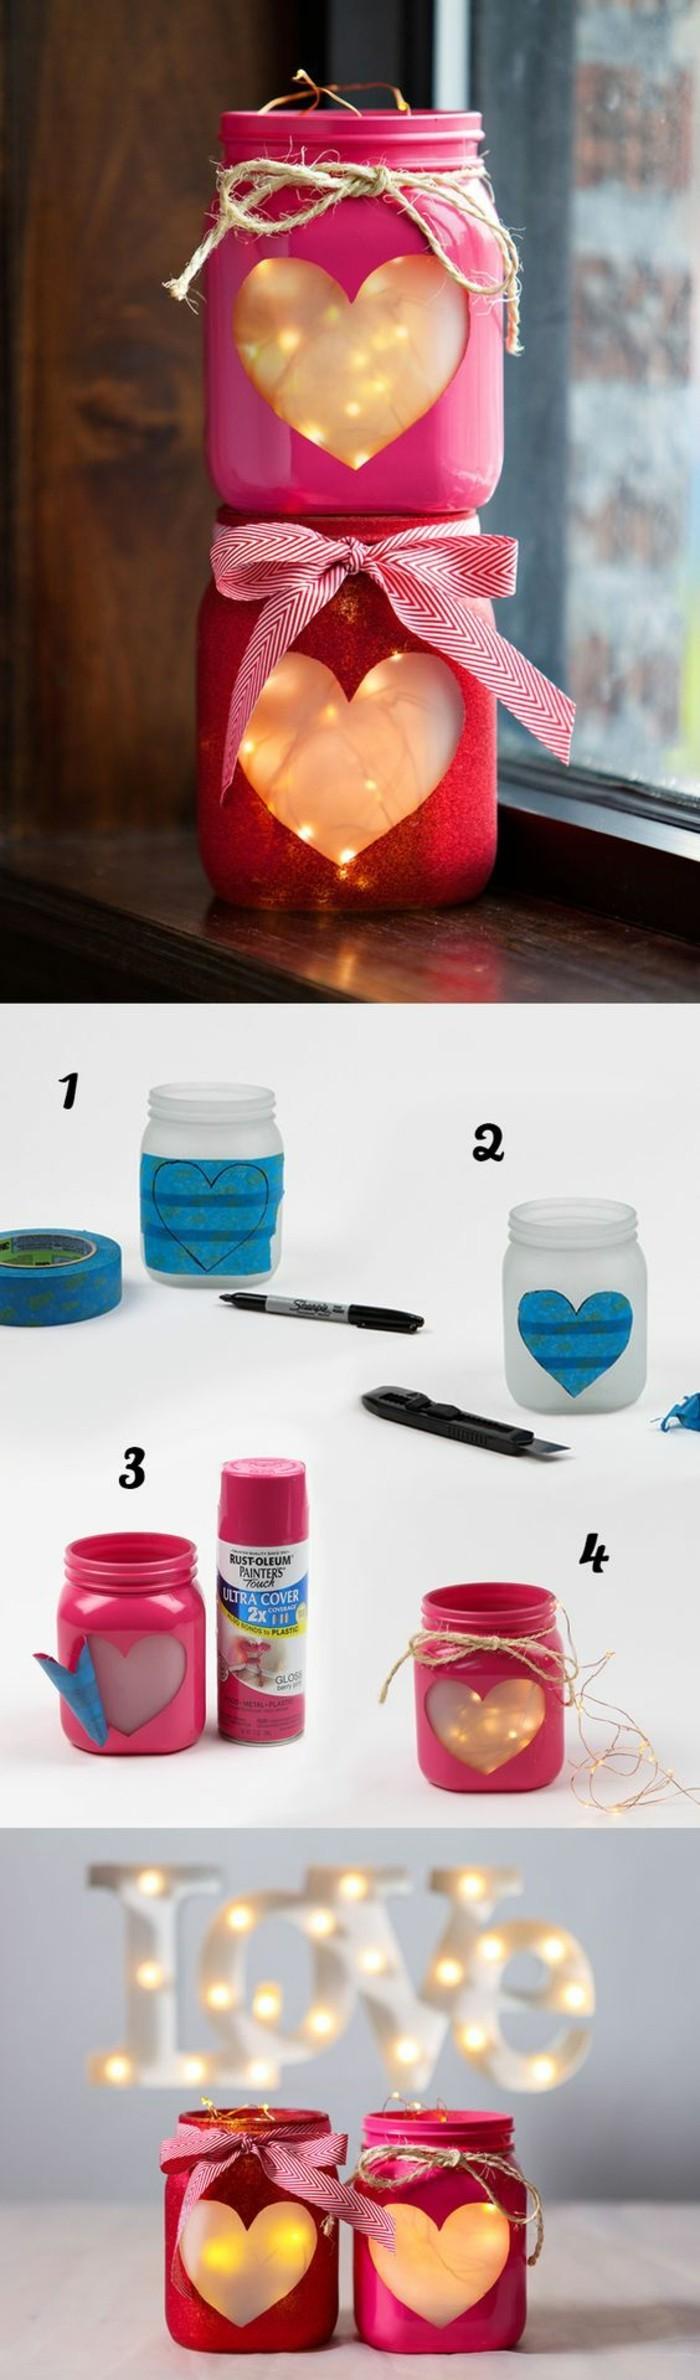 magníficas ideas para regalar en navidad, frascos decorados para regalar en el día de los enamorados